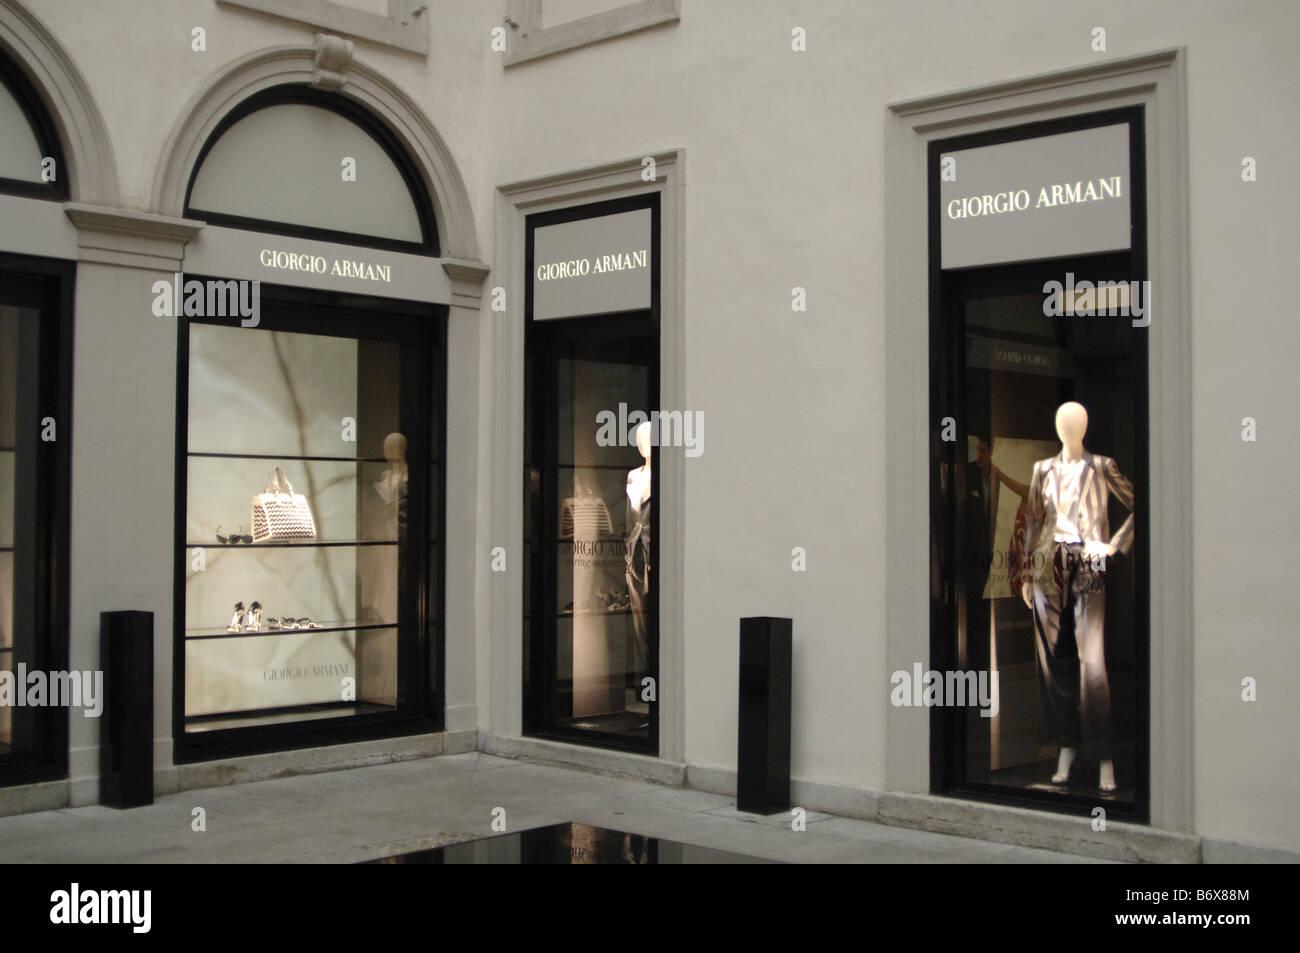 Giorgio Armani Designer Stock Photos   Giorgio Armani Designer Stock ... b7d885e90f85